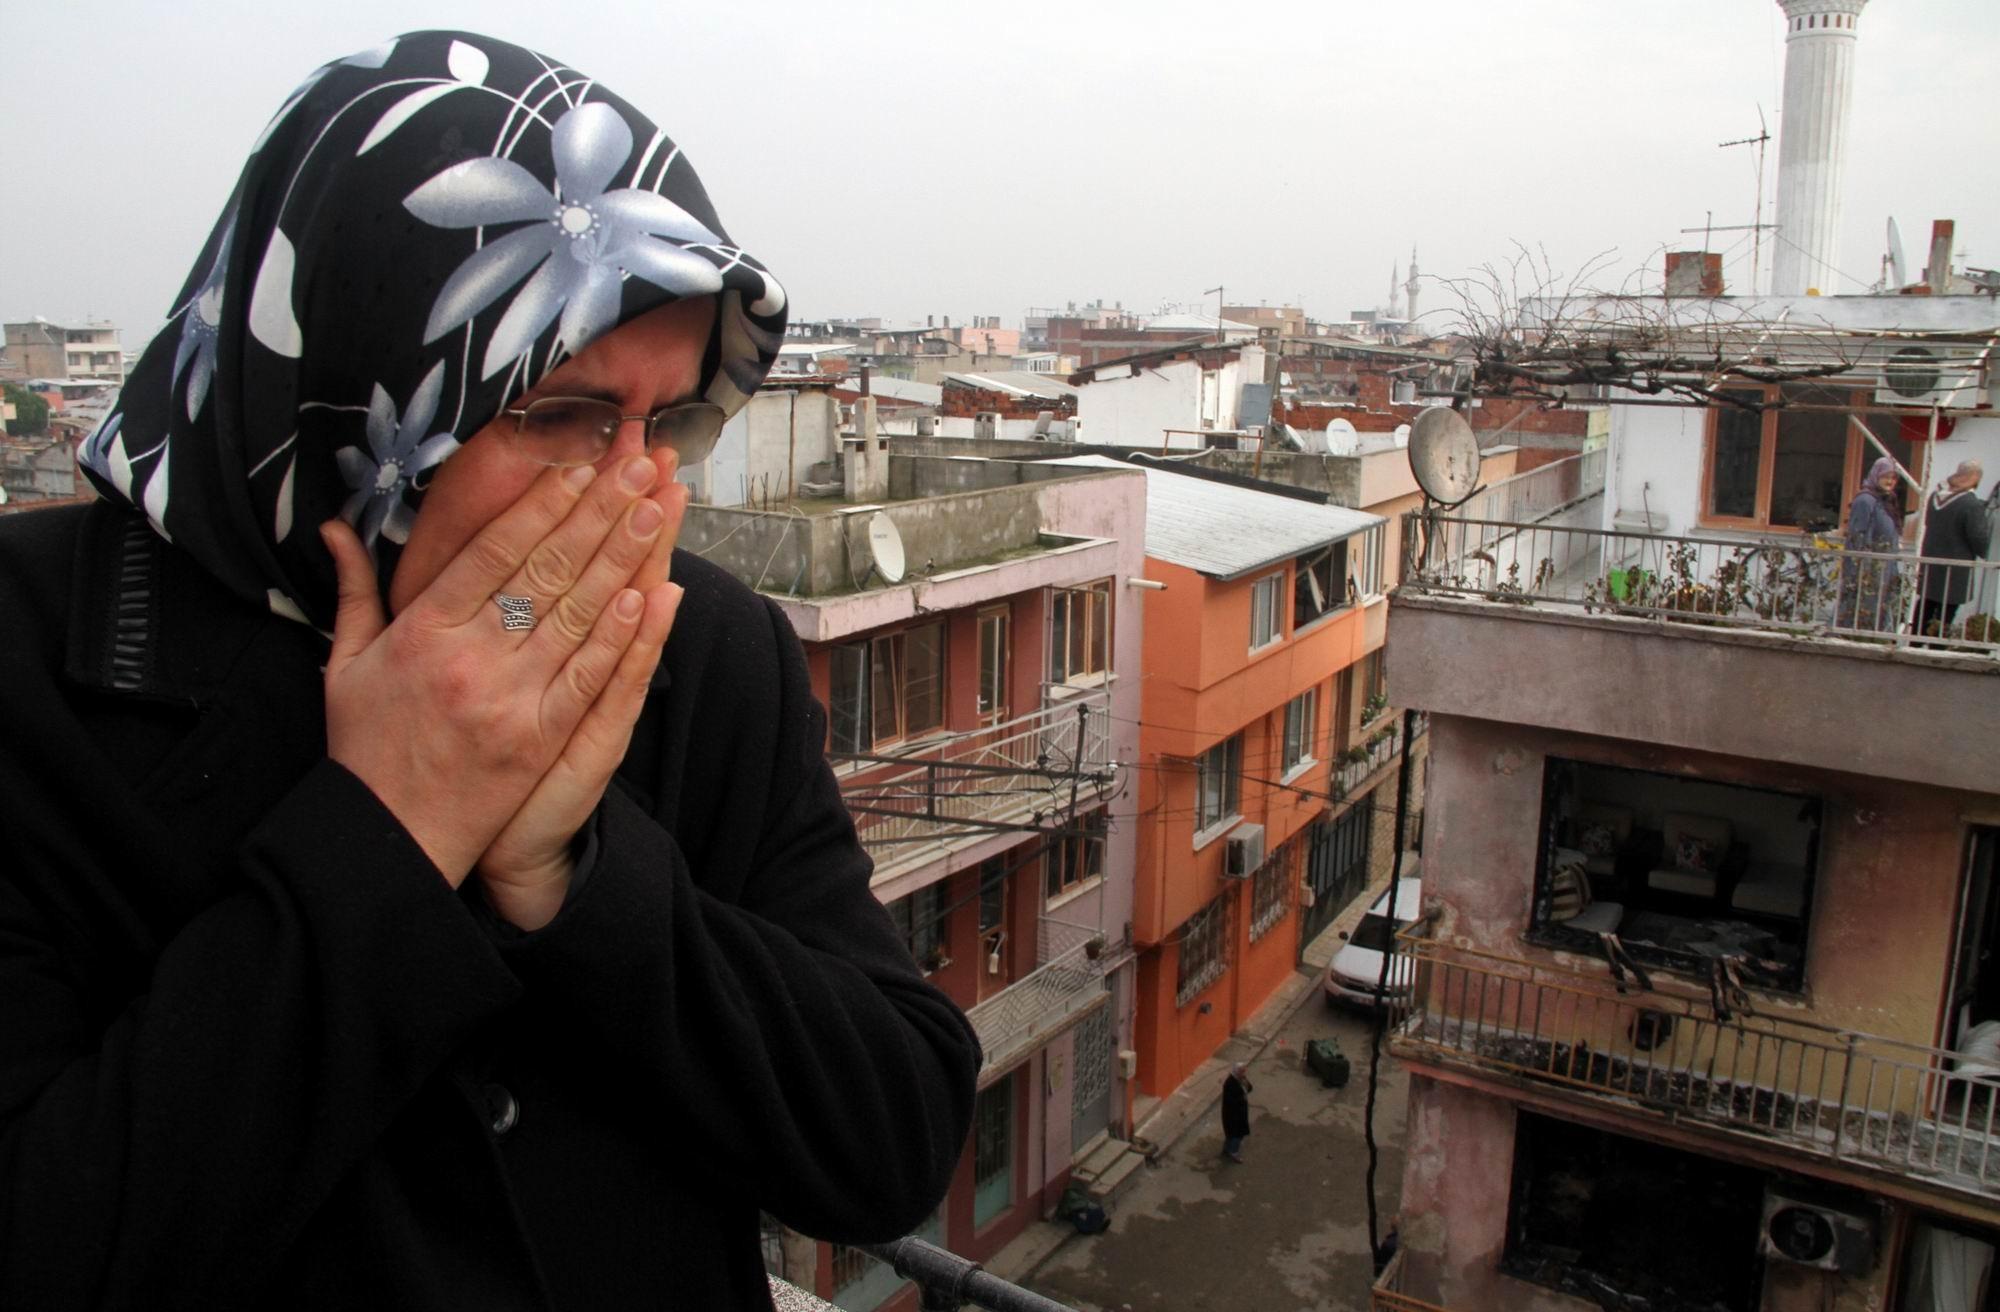 Patlamanın yaşandığı mahalle savaş alanına döndü 15